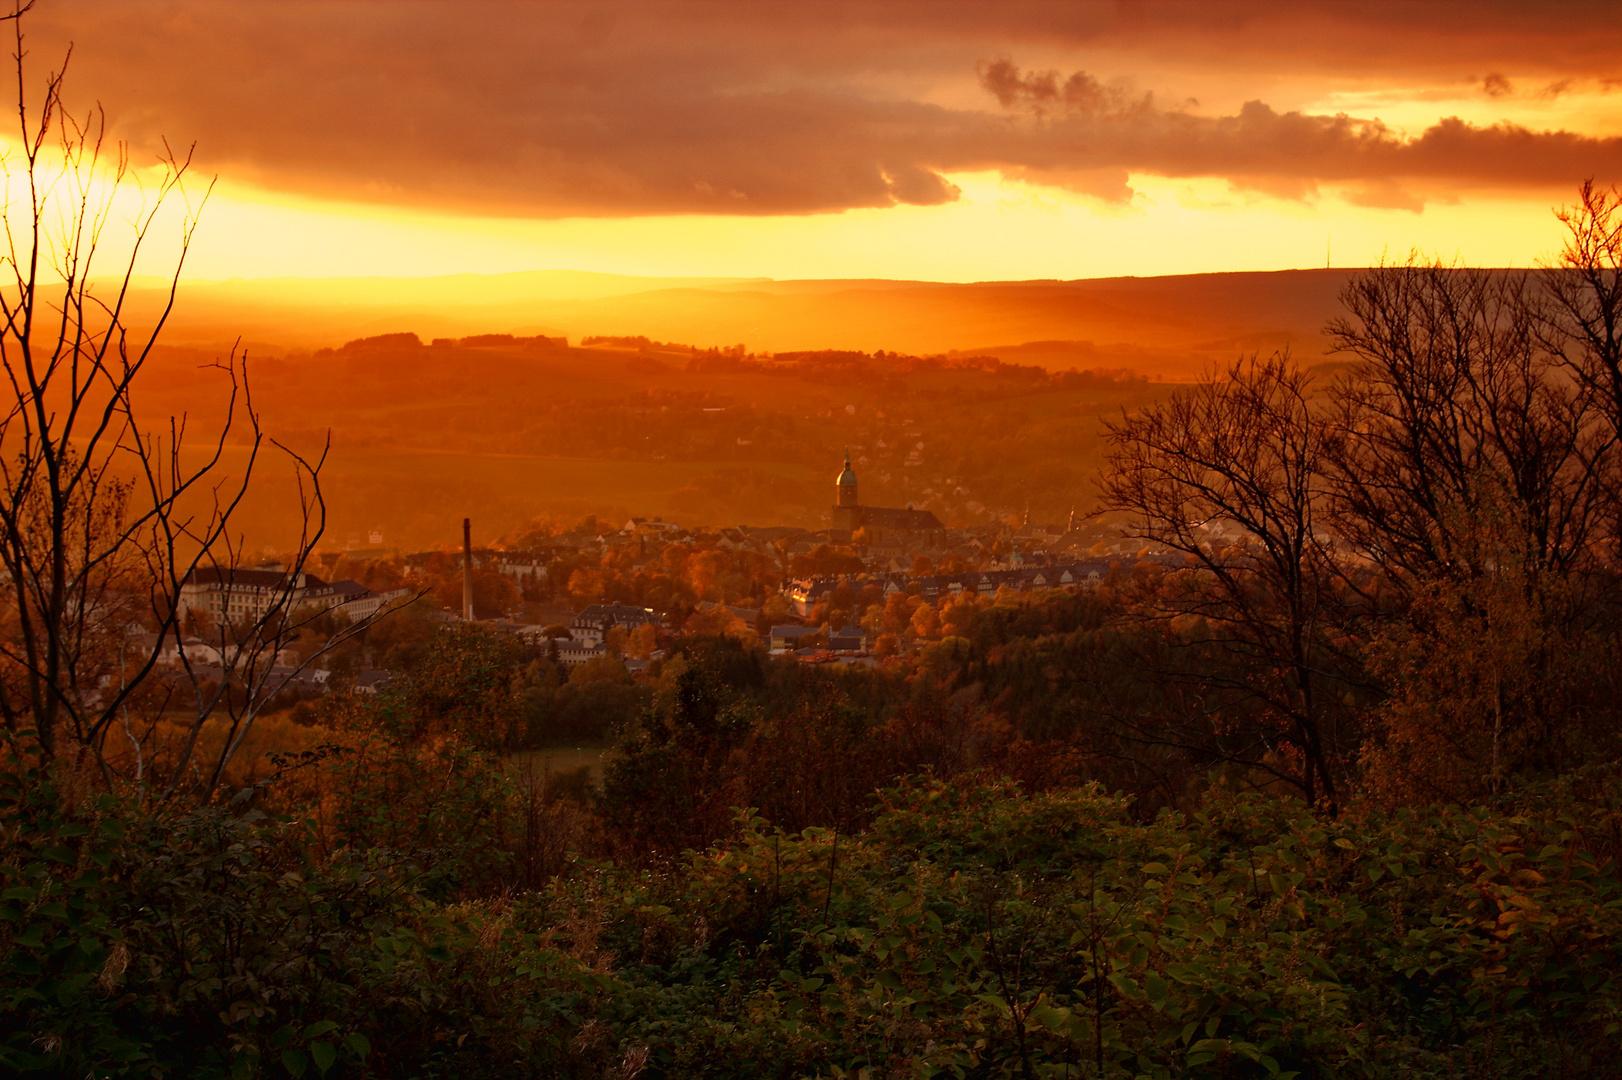 Sonnenuntergang in Annaberg-Bucholz